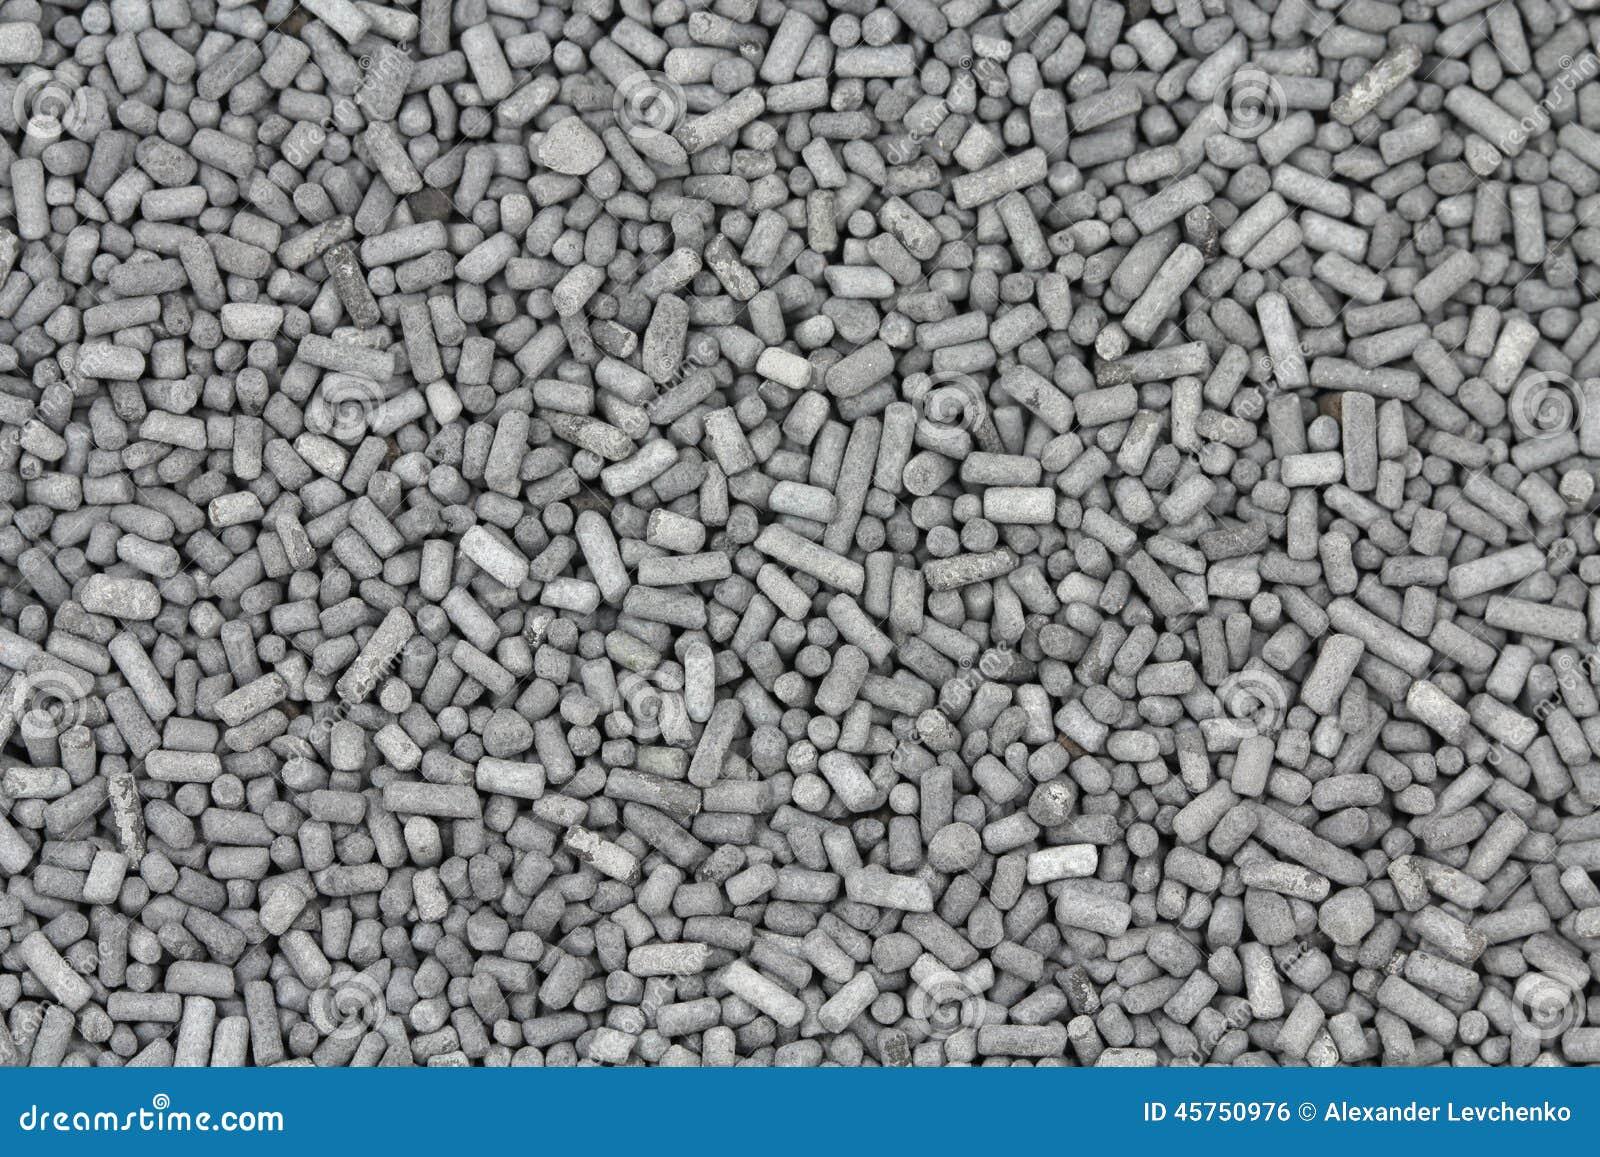 fond industriel gris de catalyseurs de granules photo stock image du absorbant appliqu 45750976. Black Bedroom Furniture Sets. Home Design Ideas